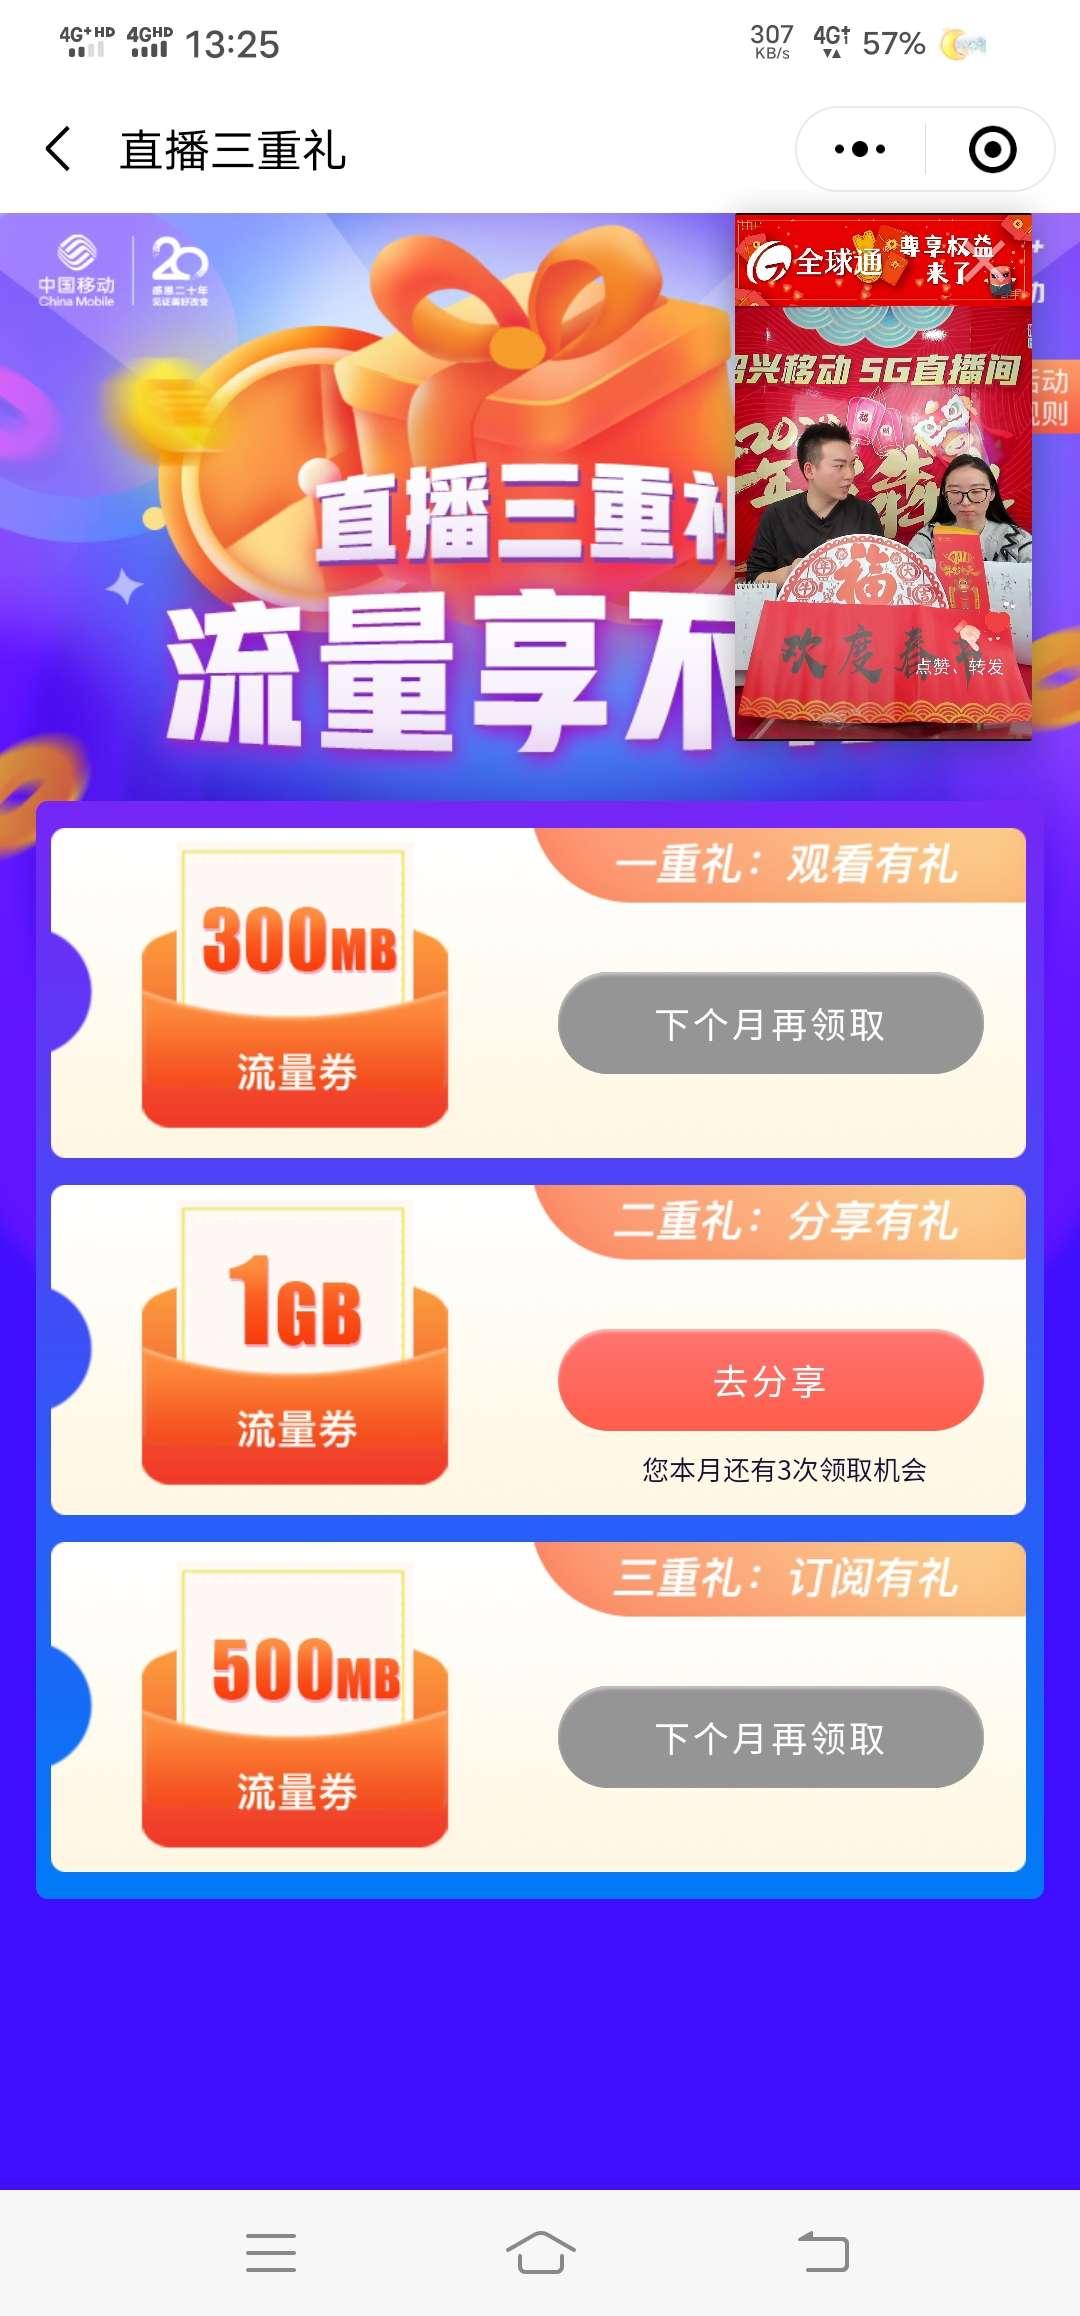 图片[1]-移动流量10g起,话费,应该仅限浙江移动用户,别的可以自测-飞享资源网